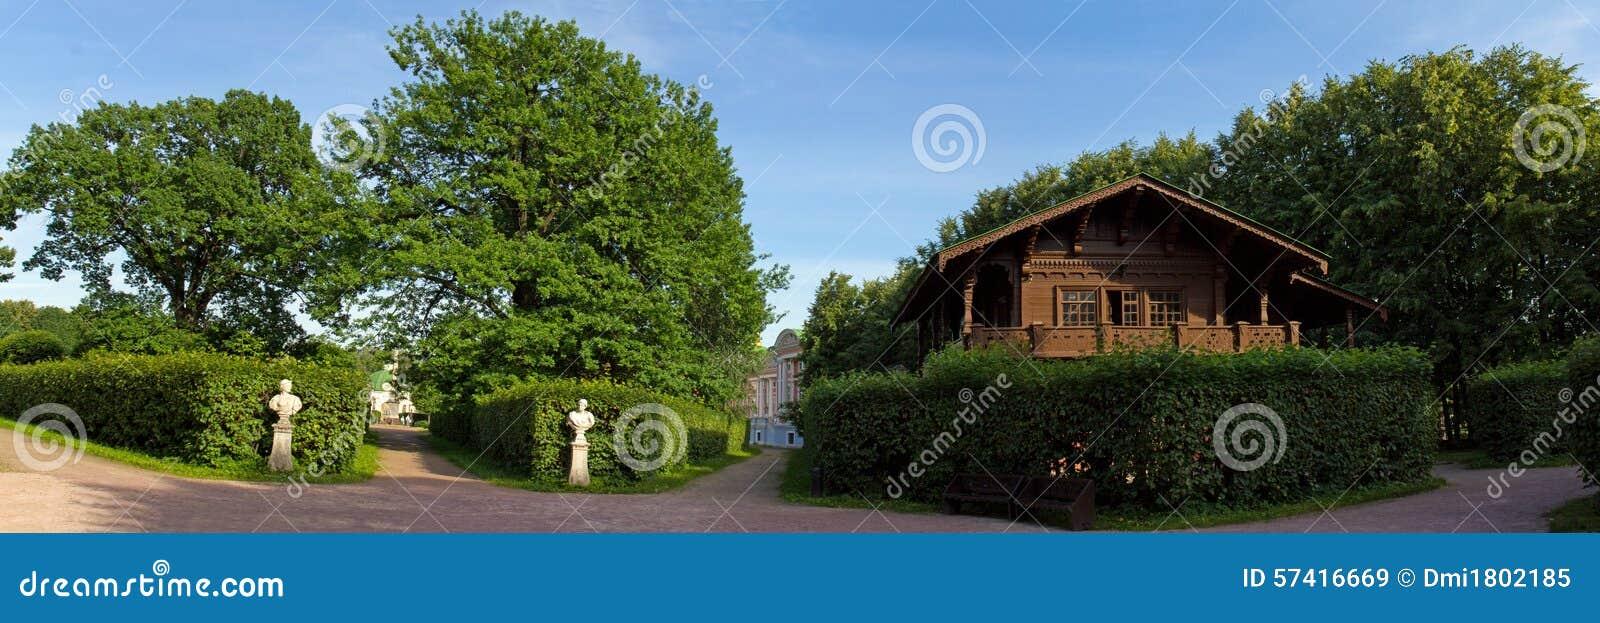 Parcs de Moscou Domaine noble Kuskovo Vues du jardin et de la maison suisse